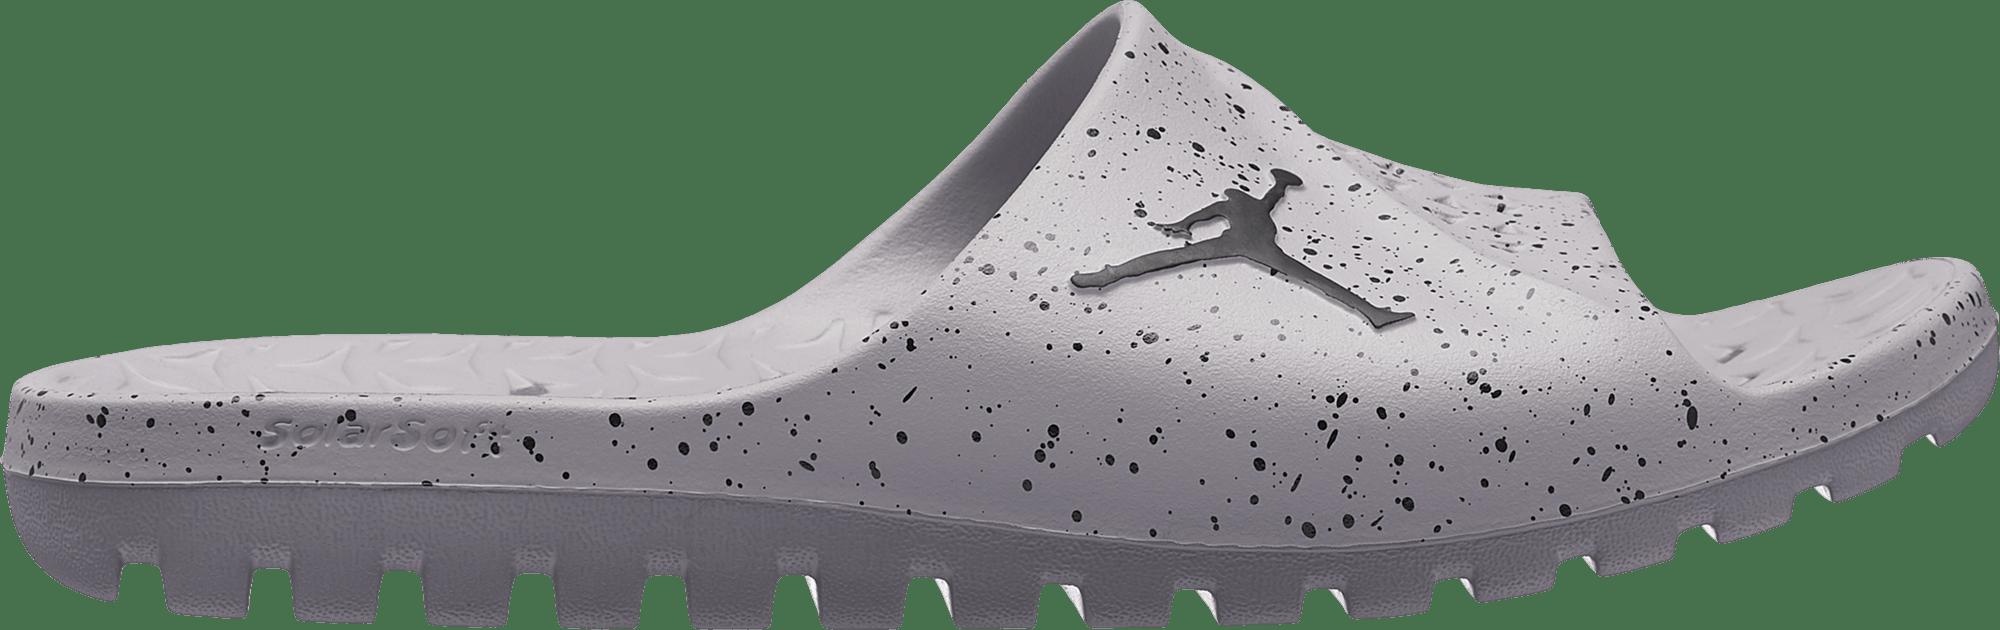 Super.Fly Team Slide Cement Grey/Black-Black